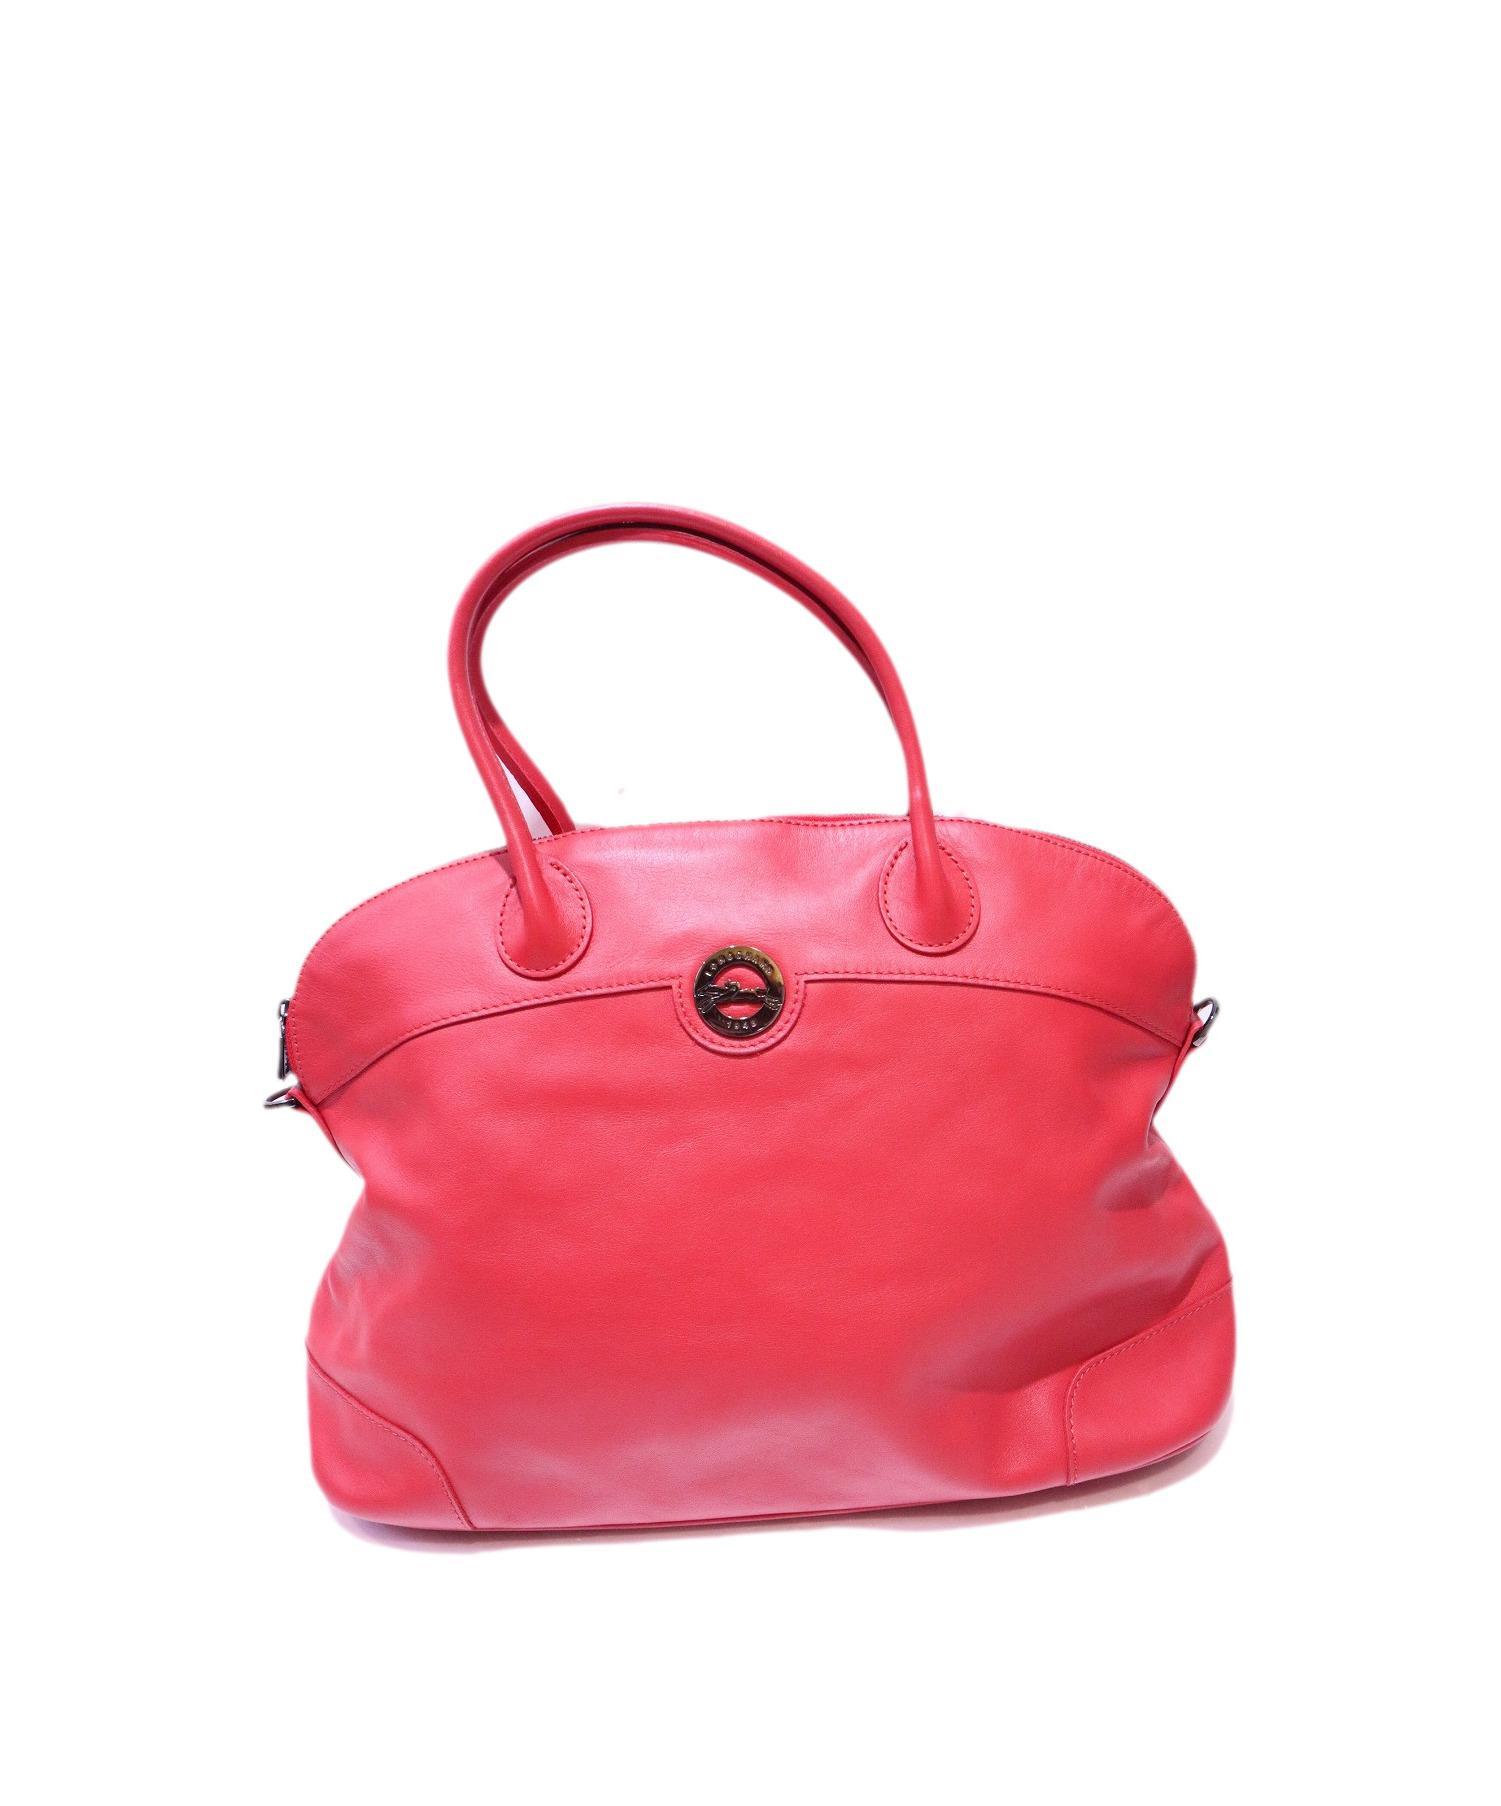 buy popular 22900 bc26e [中古]LONGCHAMP(ロンシャン)のレディース バッグ 2WAYトートバッグ